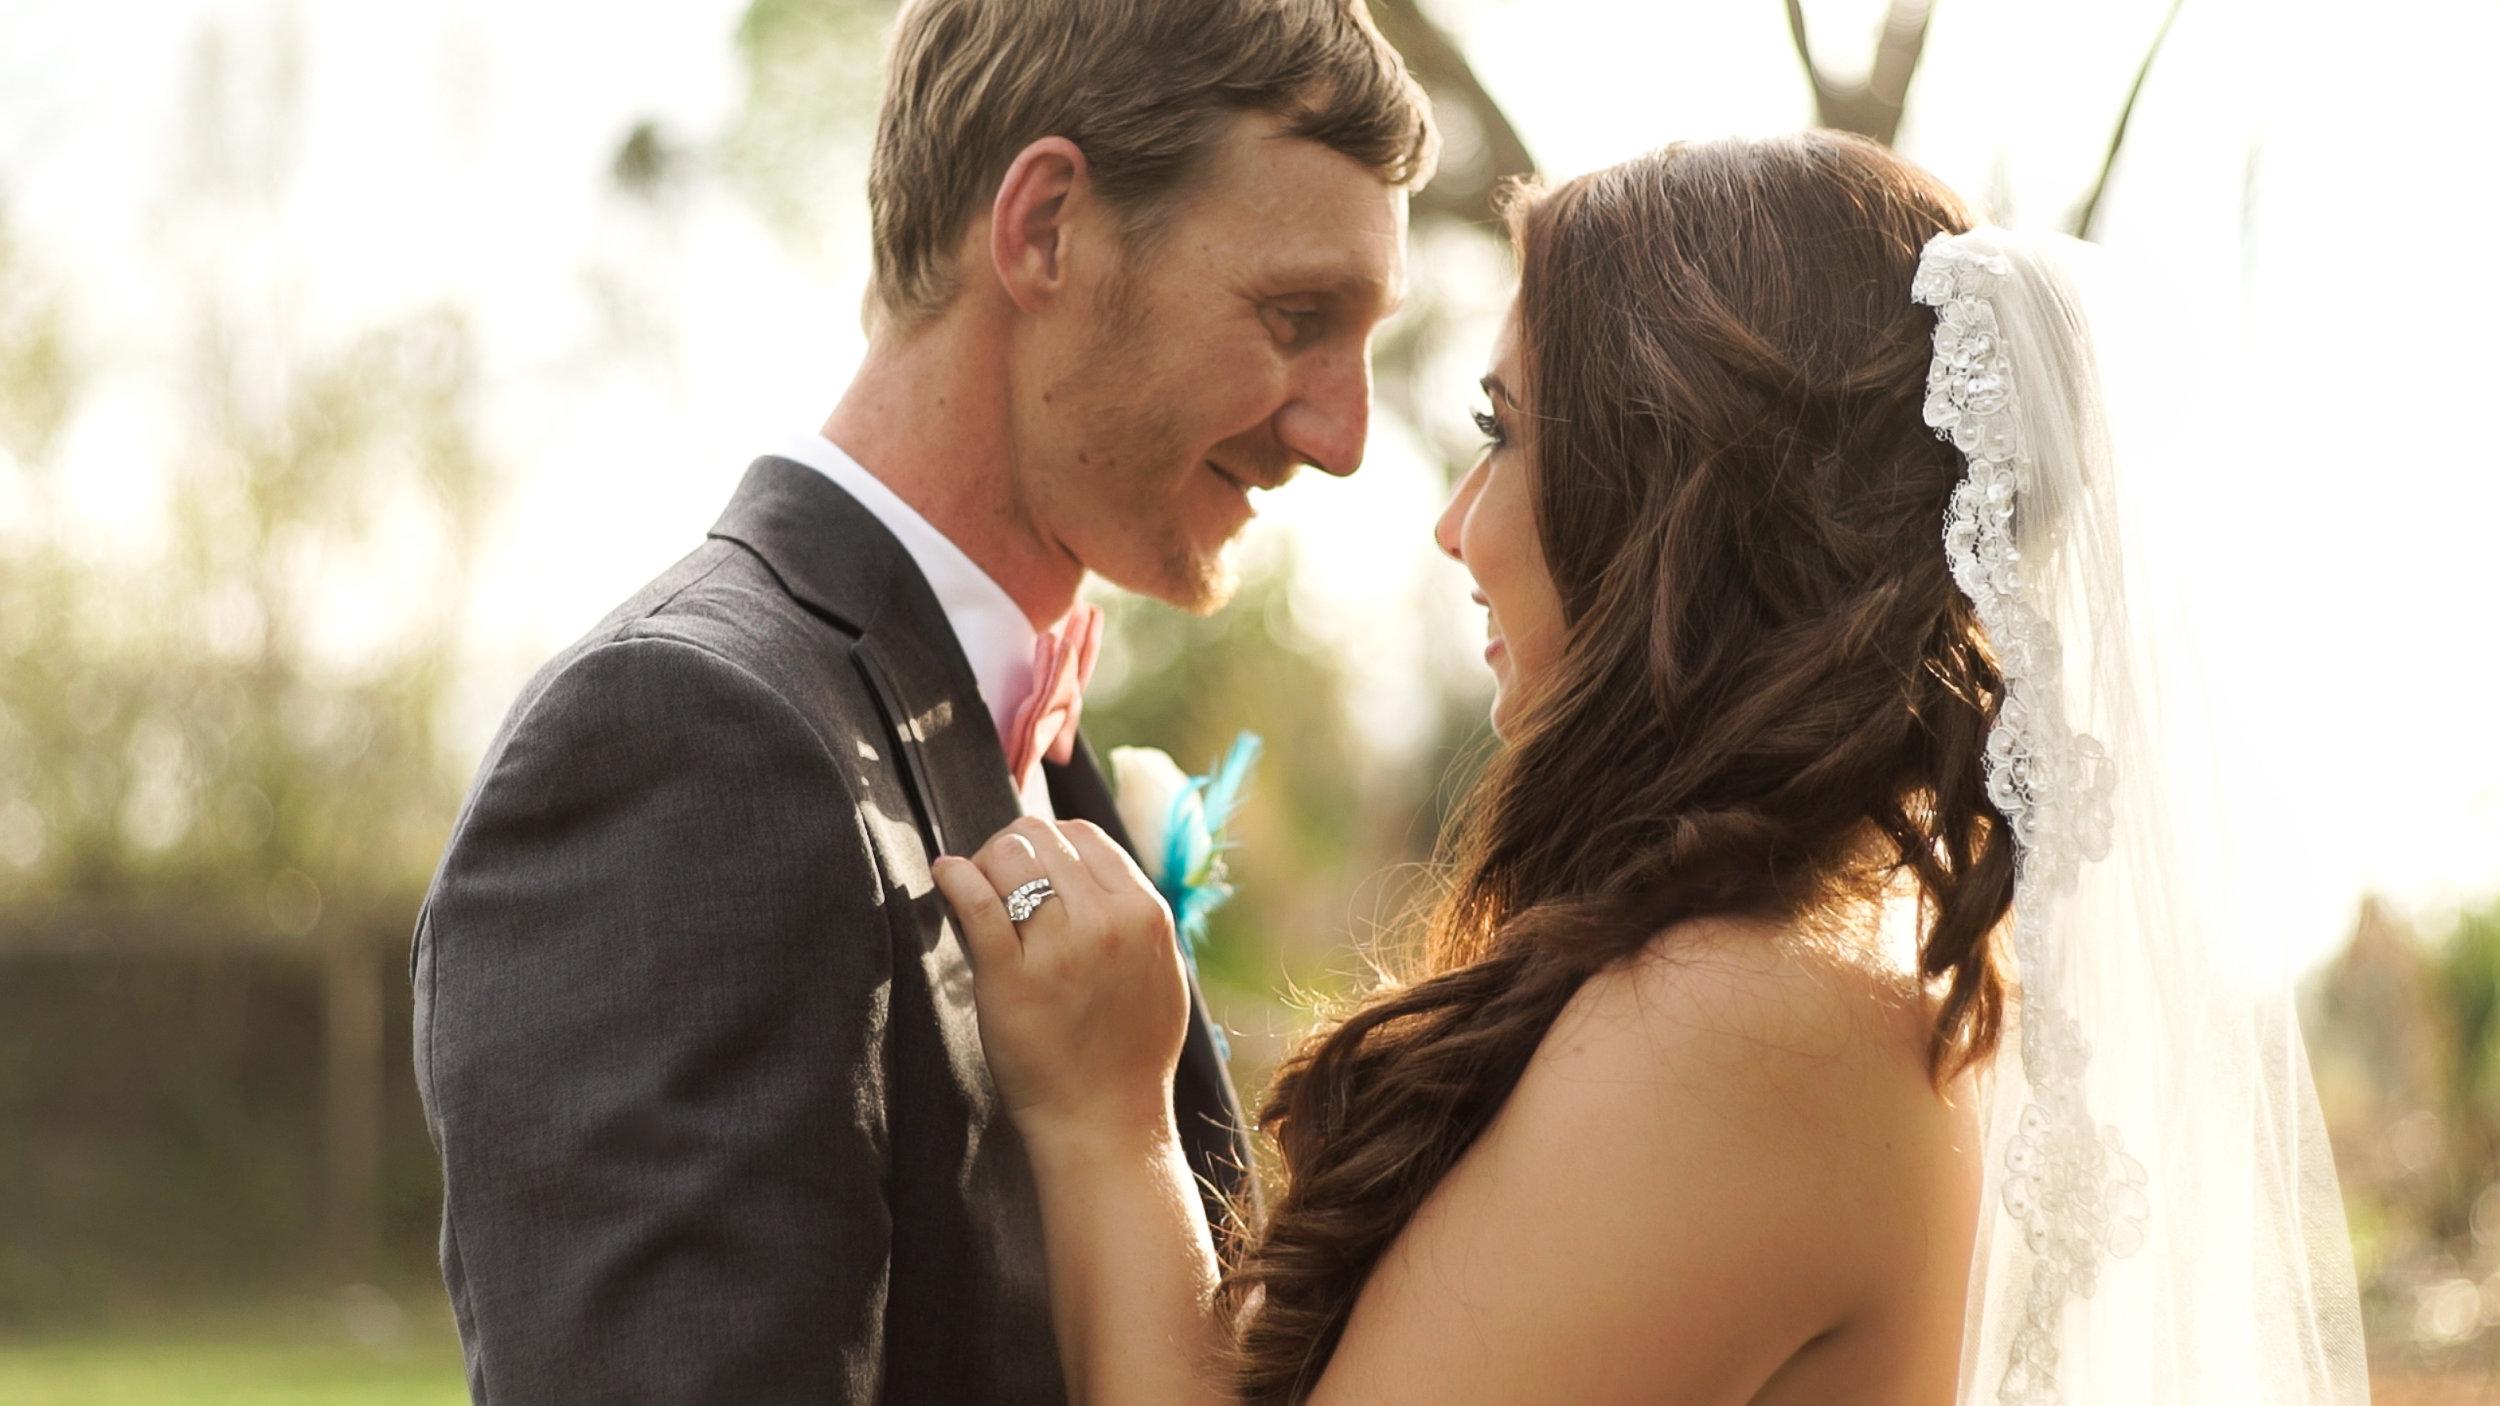 kari and brandon wedding videography 72ppi.jpg